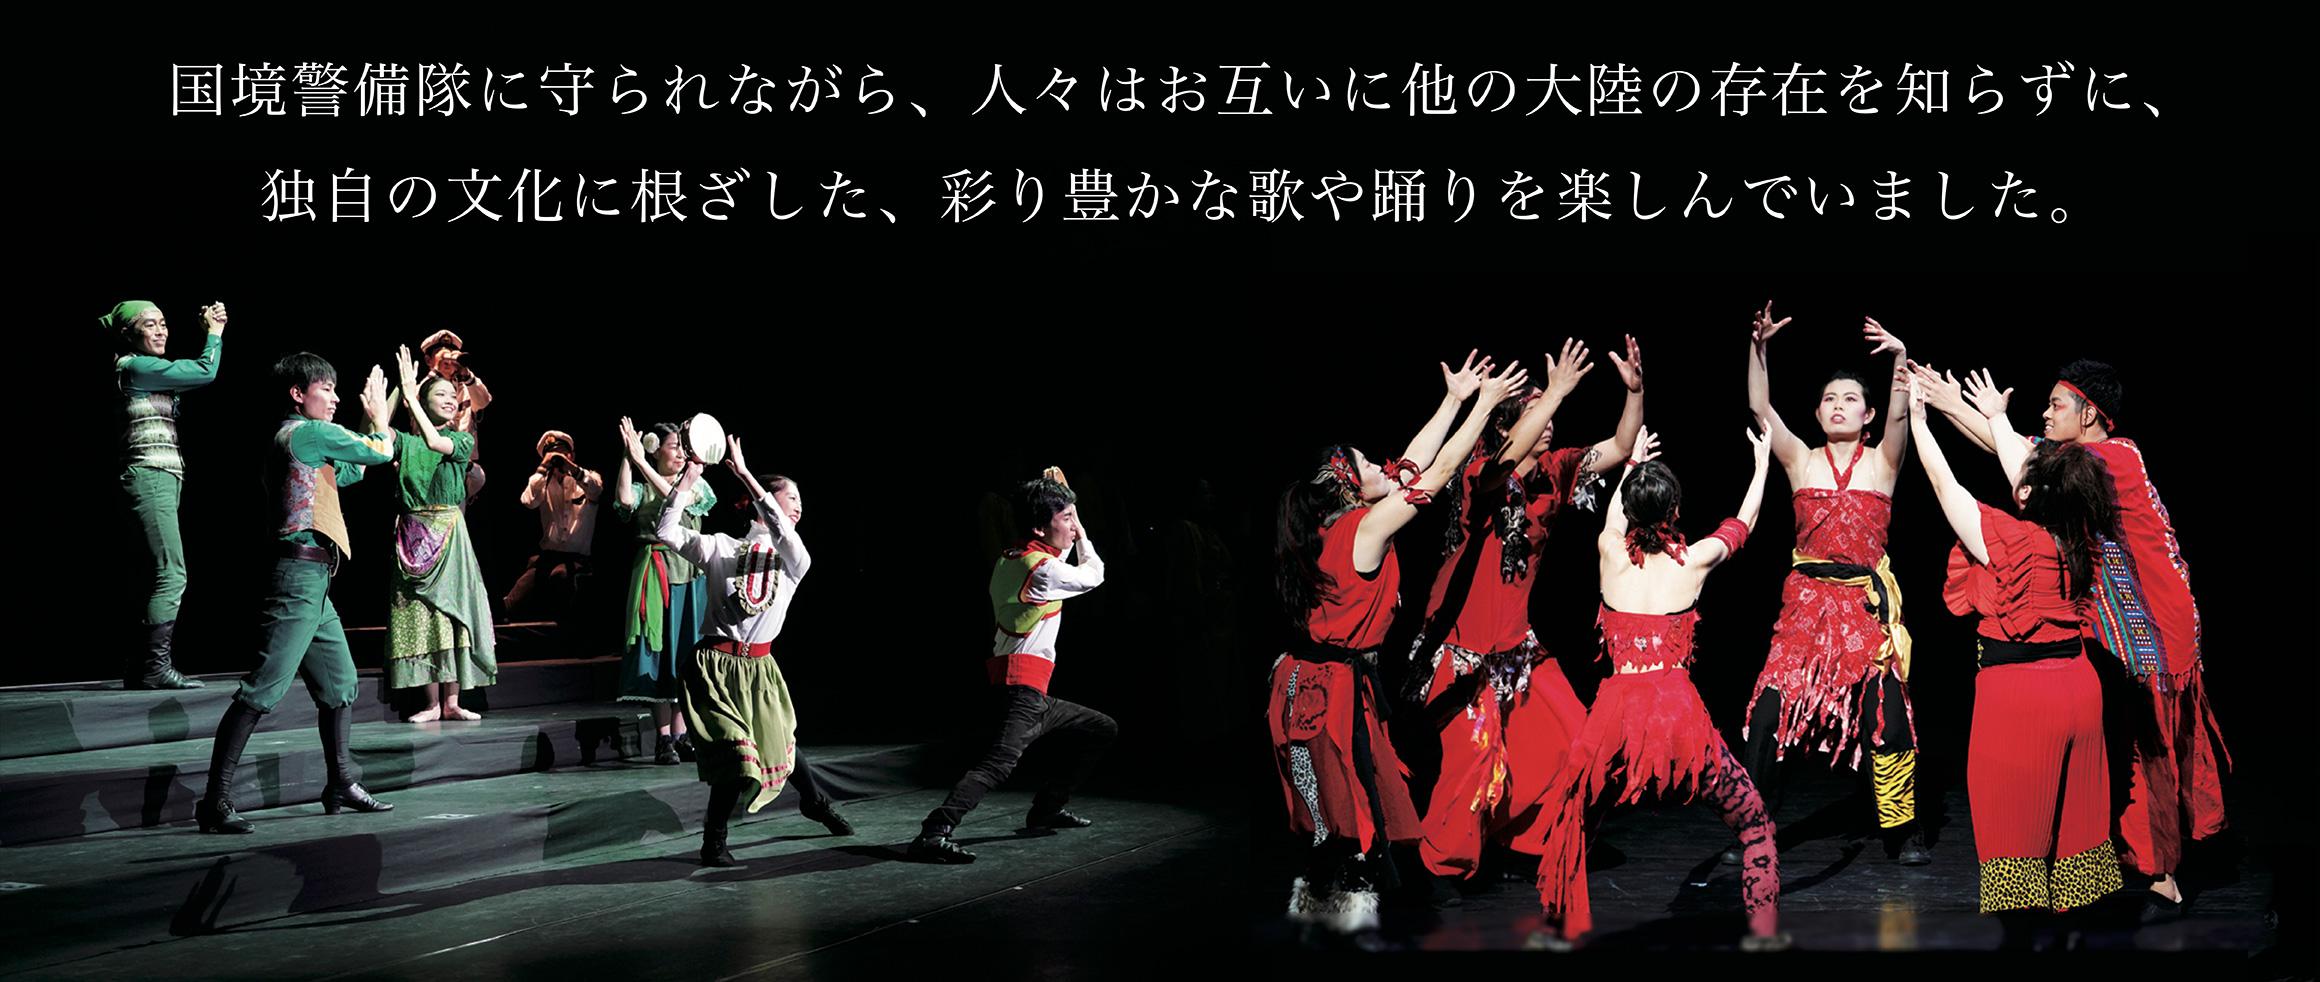 国境警備隊に守られながら、人々はお互いに他の大陸の存在を知らずに、独自の文化に根ざした、彩り豊かな歌や踊りを楽しんでいました。